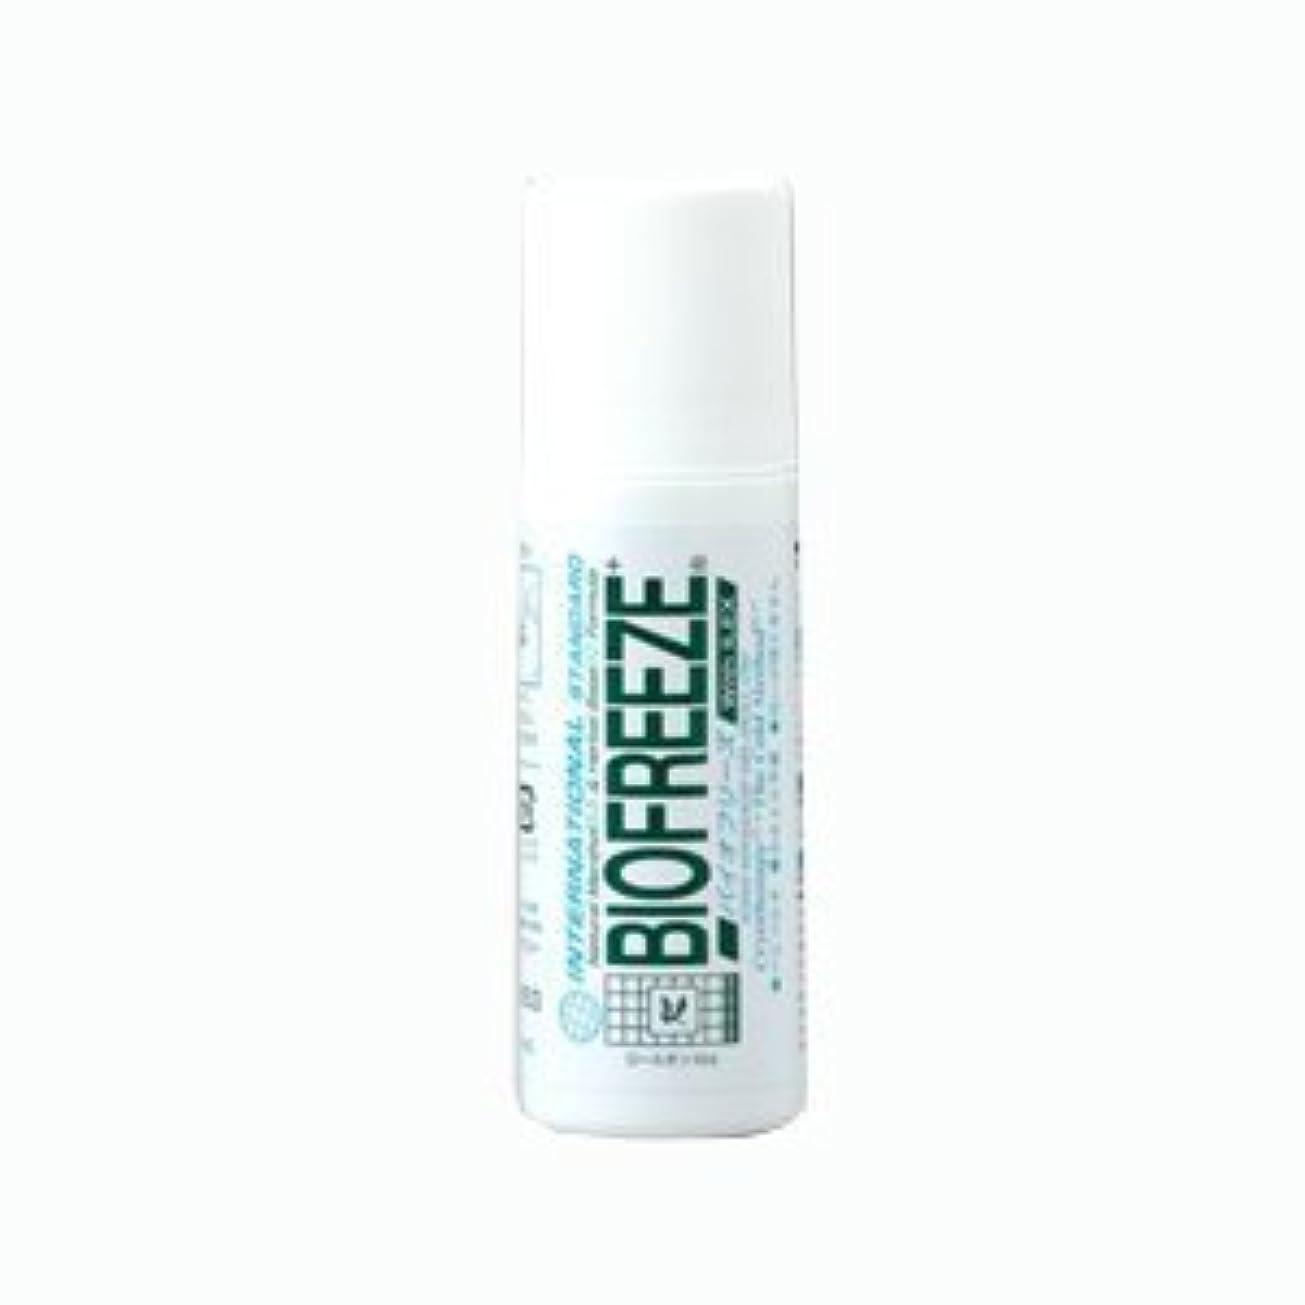 実質的致命的な困難バイオフリーズ(BIOFREEZE) ロールオン 82g - ボディ用、ロールタイプ!